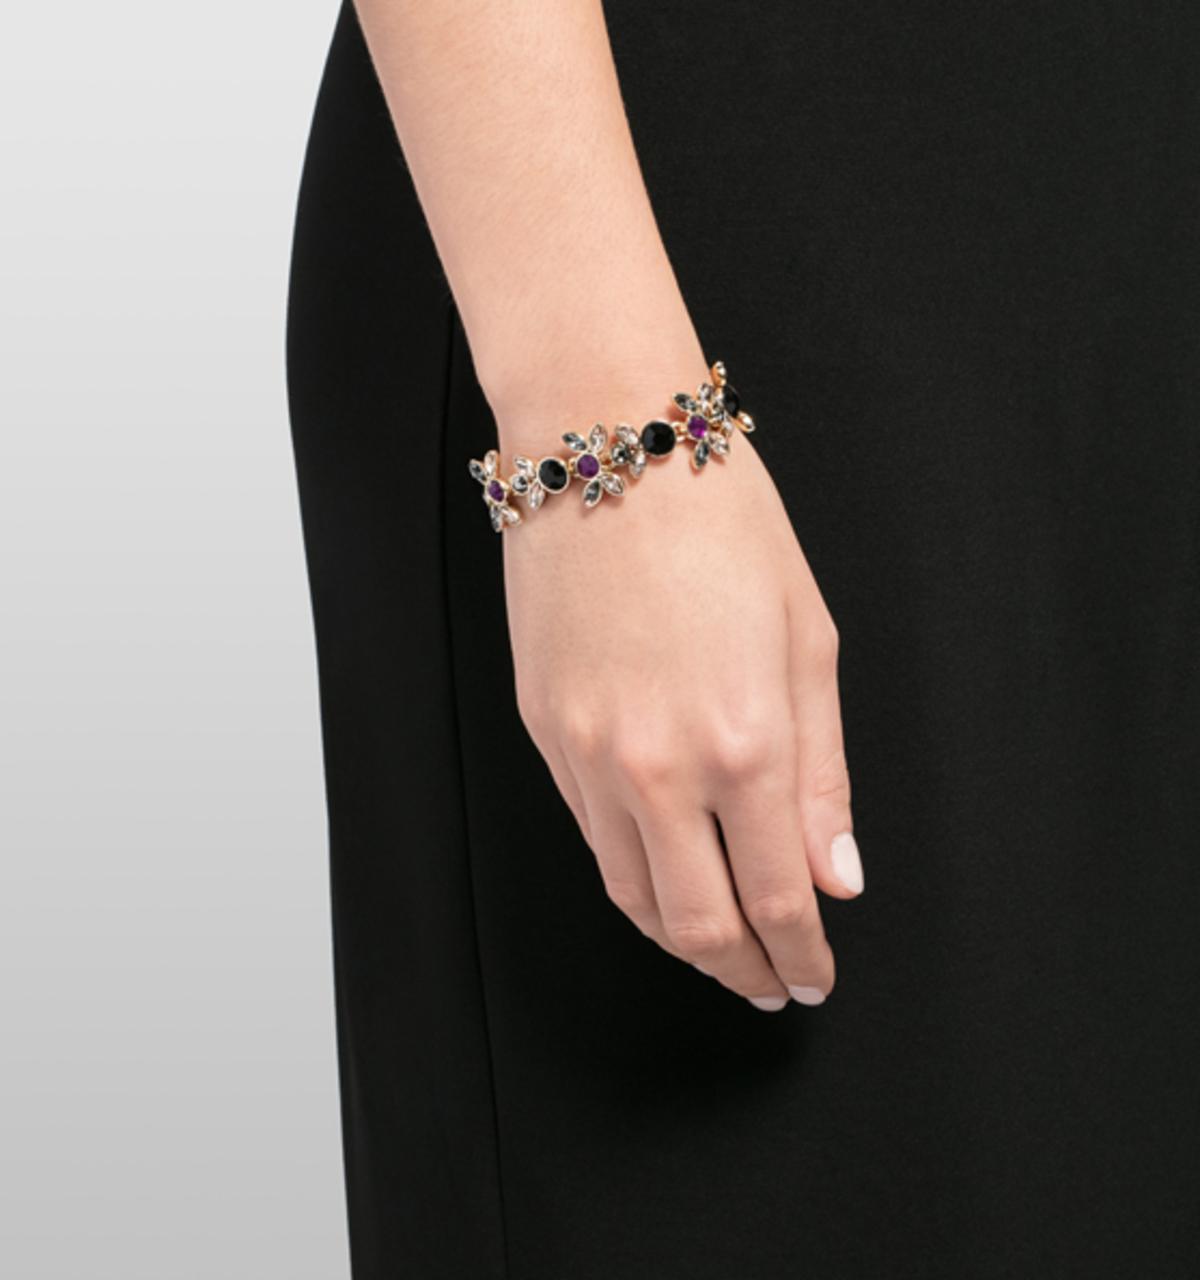 Floral charmed bracelet